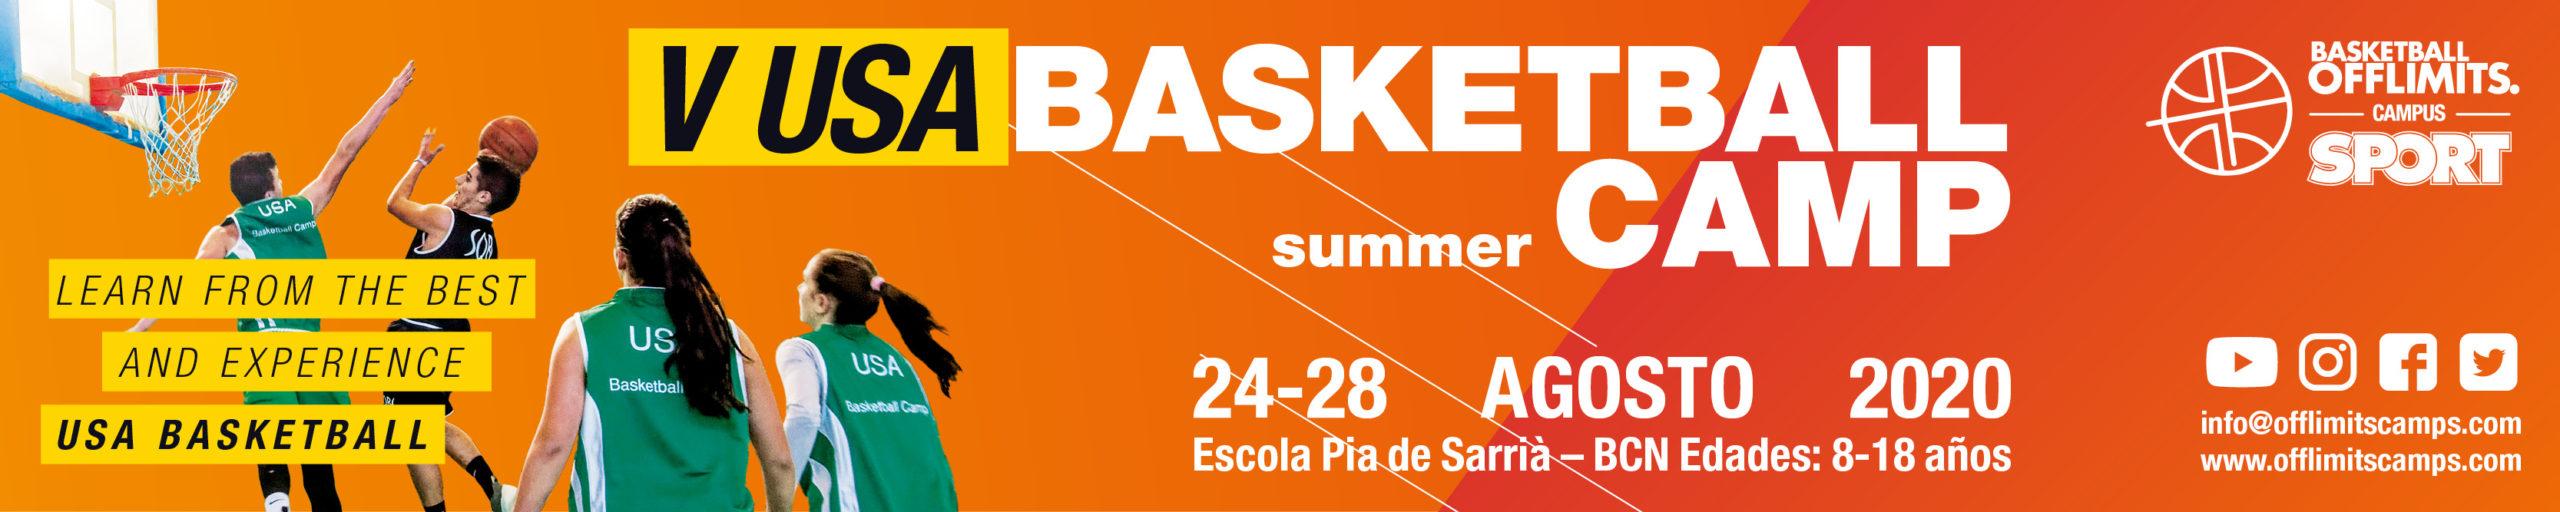 Campus de baloncesto de verano barcelona 2020